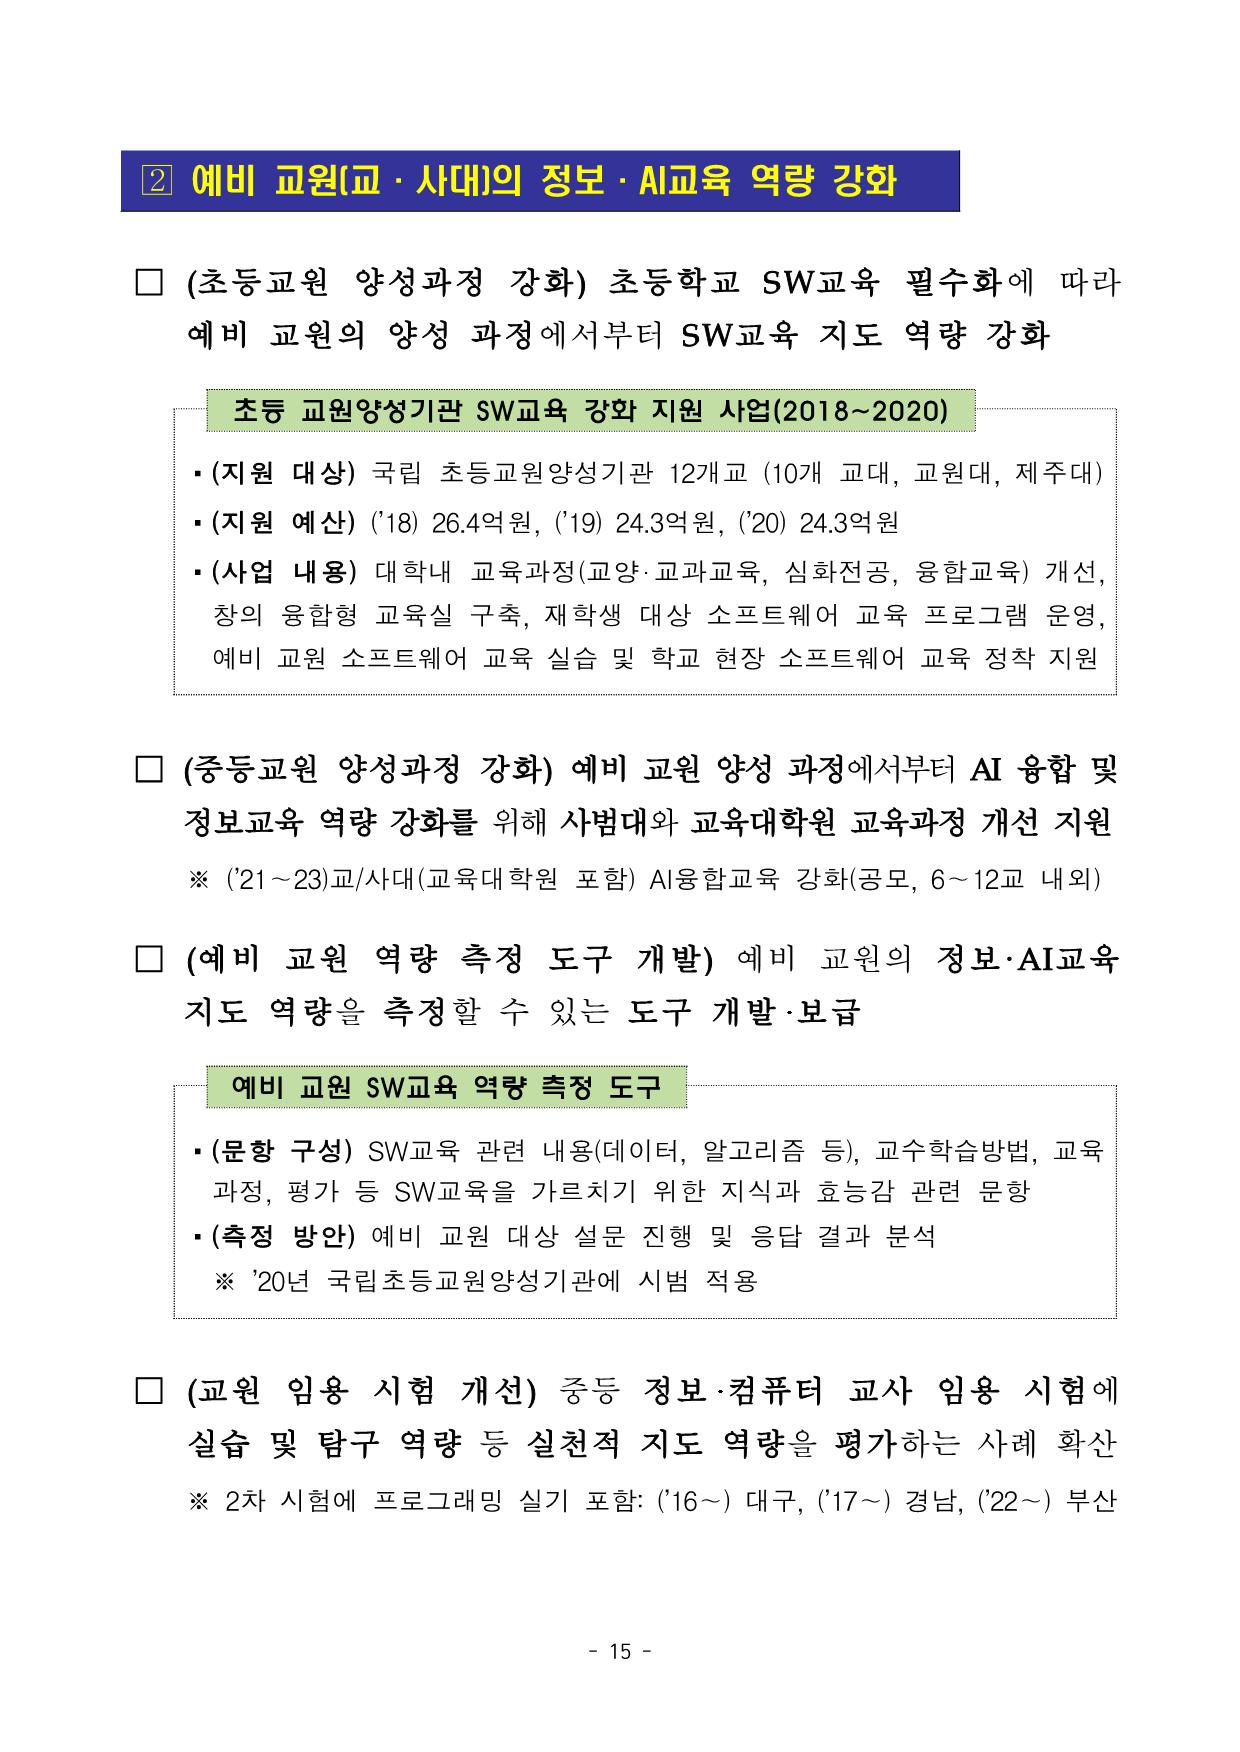 붙임 2-3. 정보교육 종합계획(안)_17.png